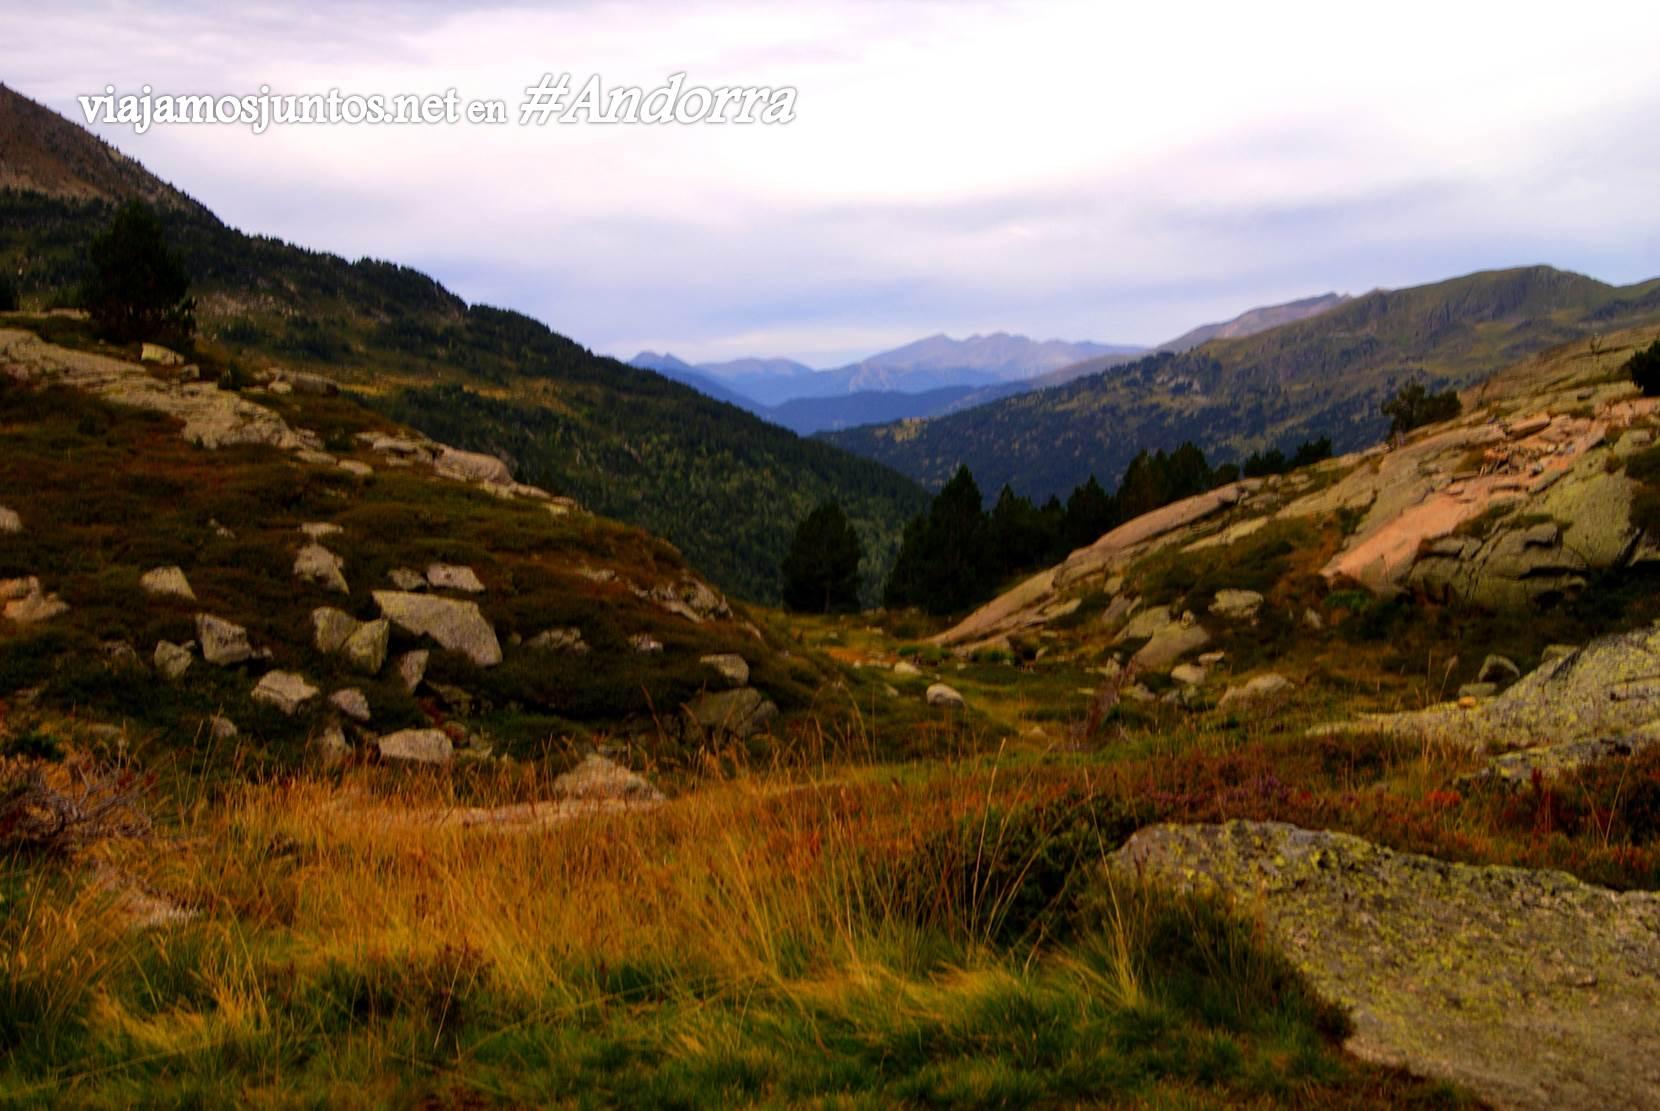 Desde el mirador del refugio de Juclá, Andorra trekking, Pirineo Oriental